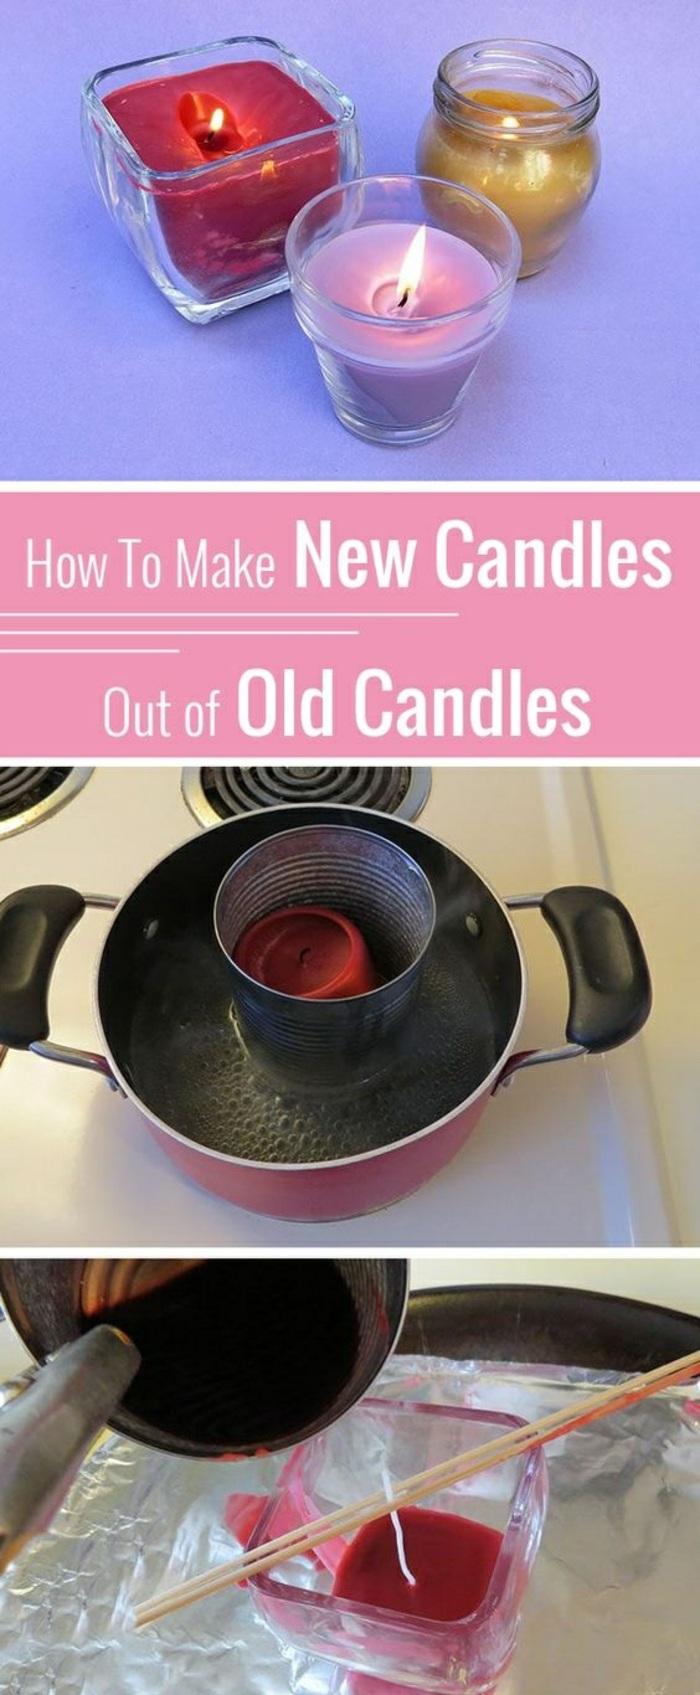 Stoppino fai da te, sciogliere la vecchia candela a bagnomaria e versare nel bicchiere portacandele